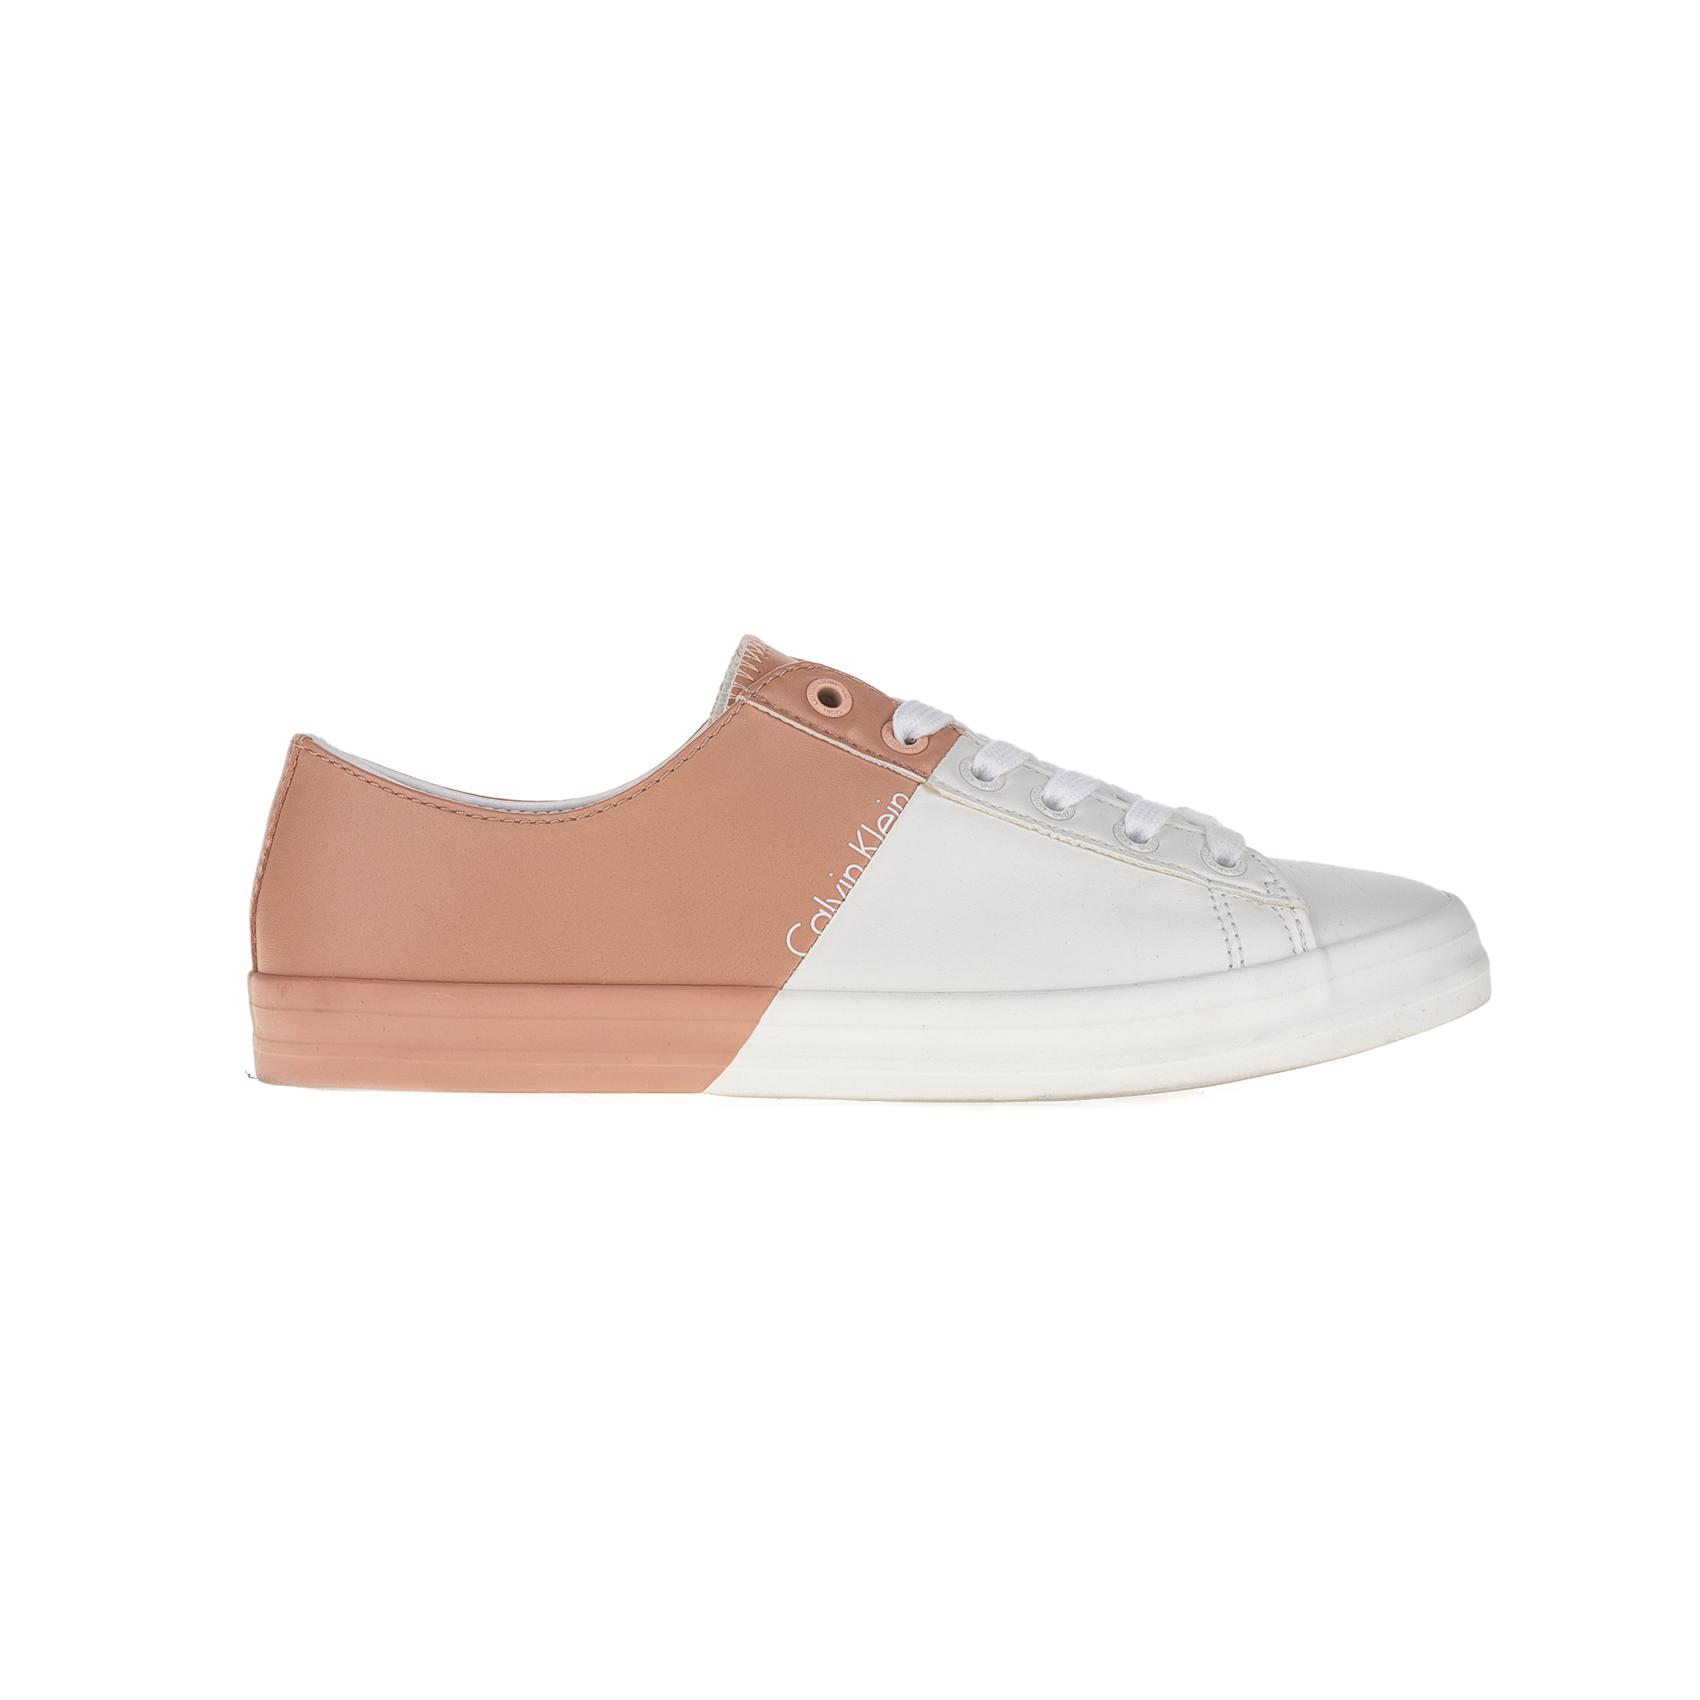 CALVIN KLEIN JEANS - Γυναικεία sneakers CALVIN KLEIN JEANS λευκά-μπεζ γυναικεία παπούτσια sneakers